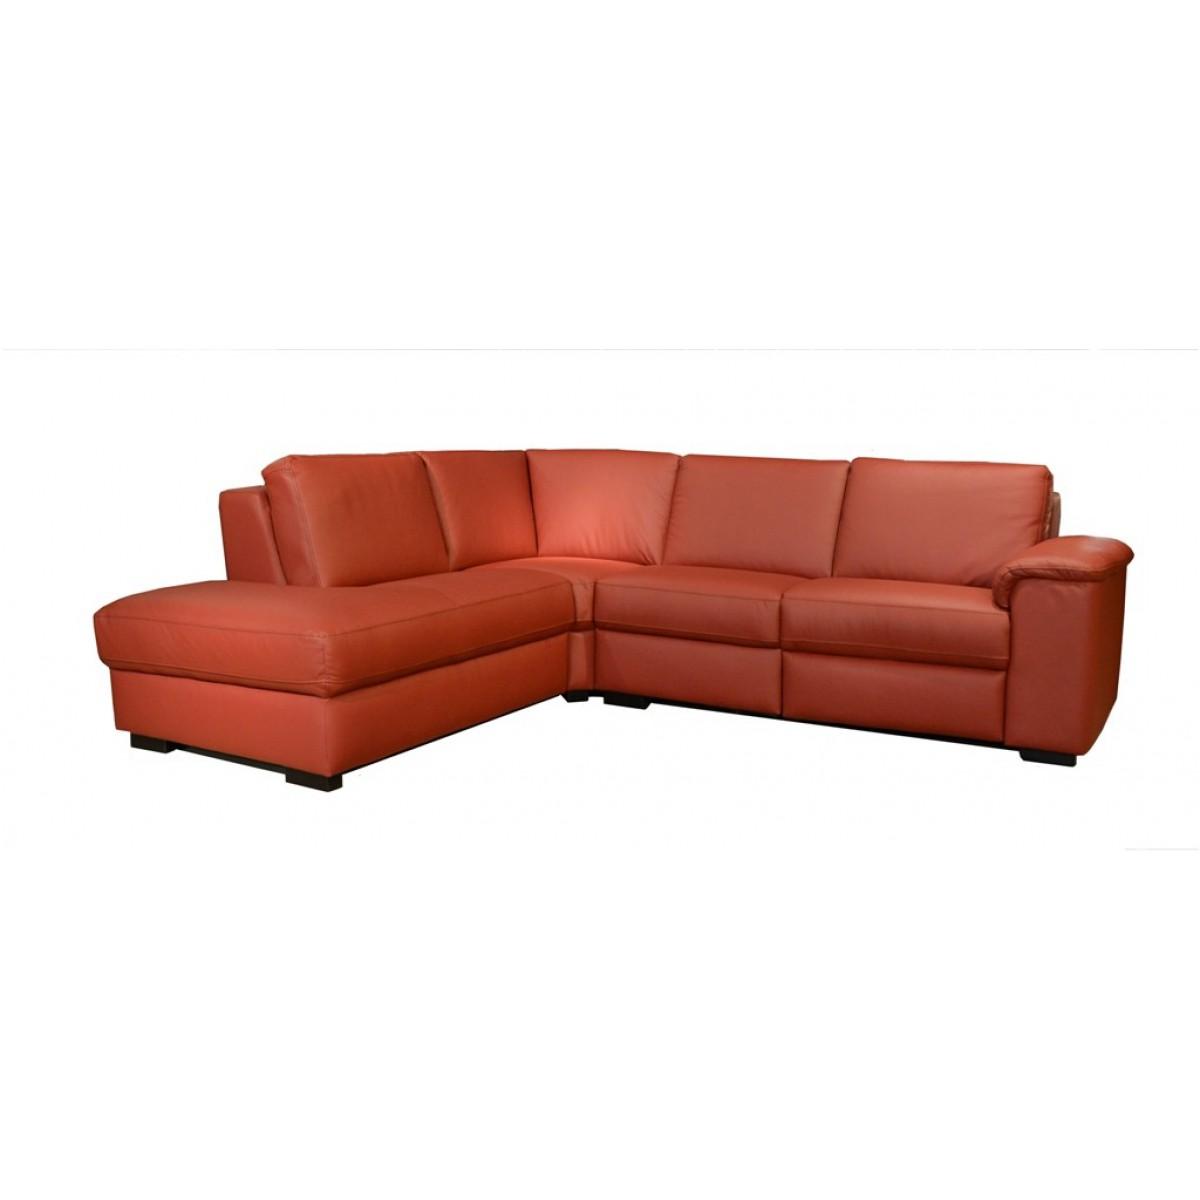 1981-relax-hoekbank-leer-hjort-knudsen-electrische-relaxen-soleda-toledo-red-44-schuin-voor